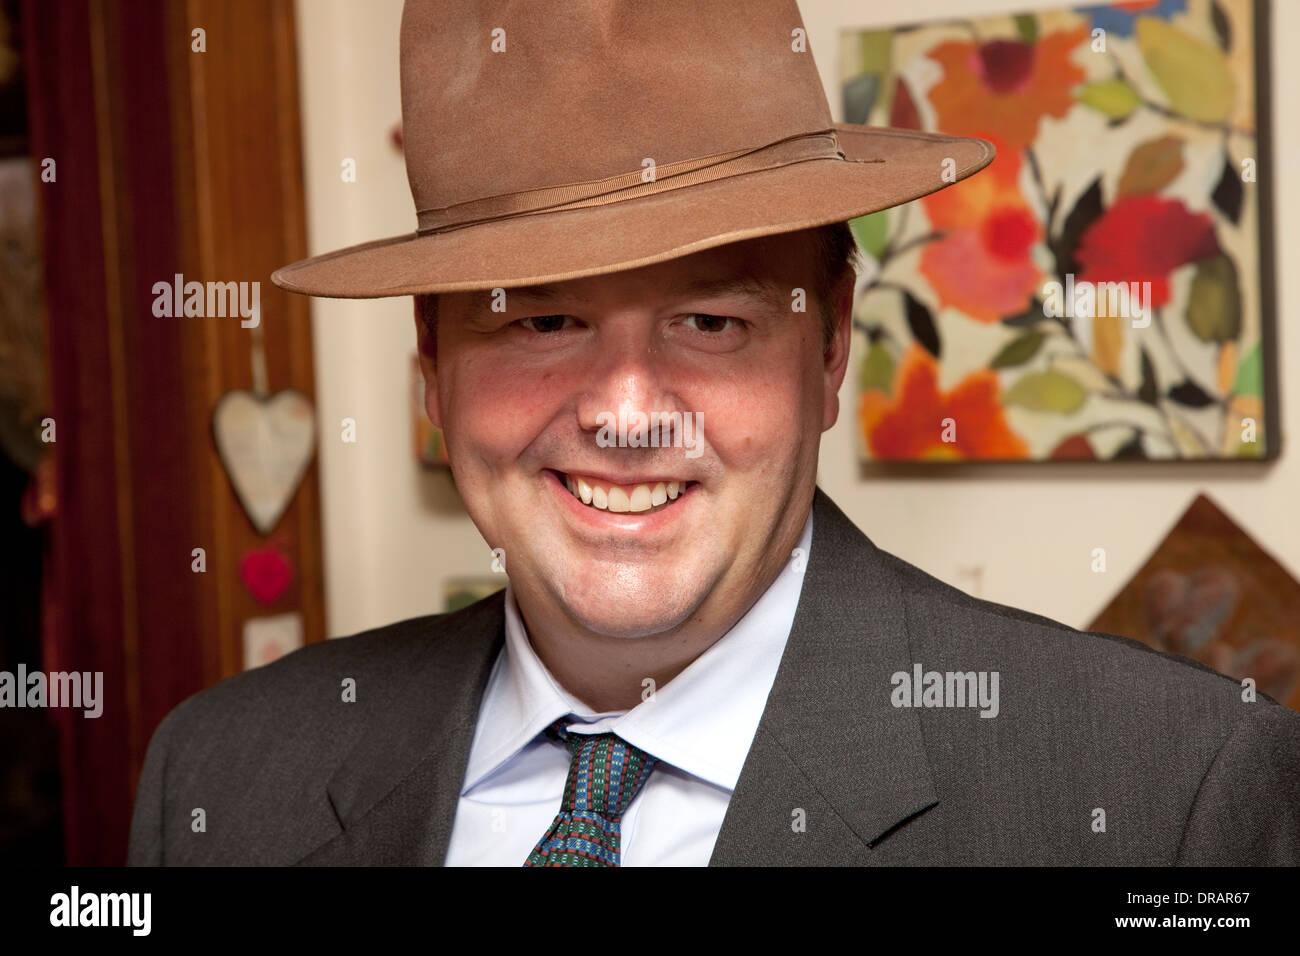 Dapper, jeune homme heureux dans son nouveau fedora hat l